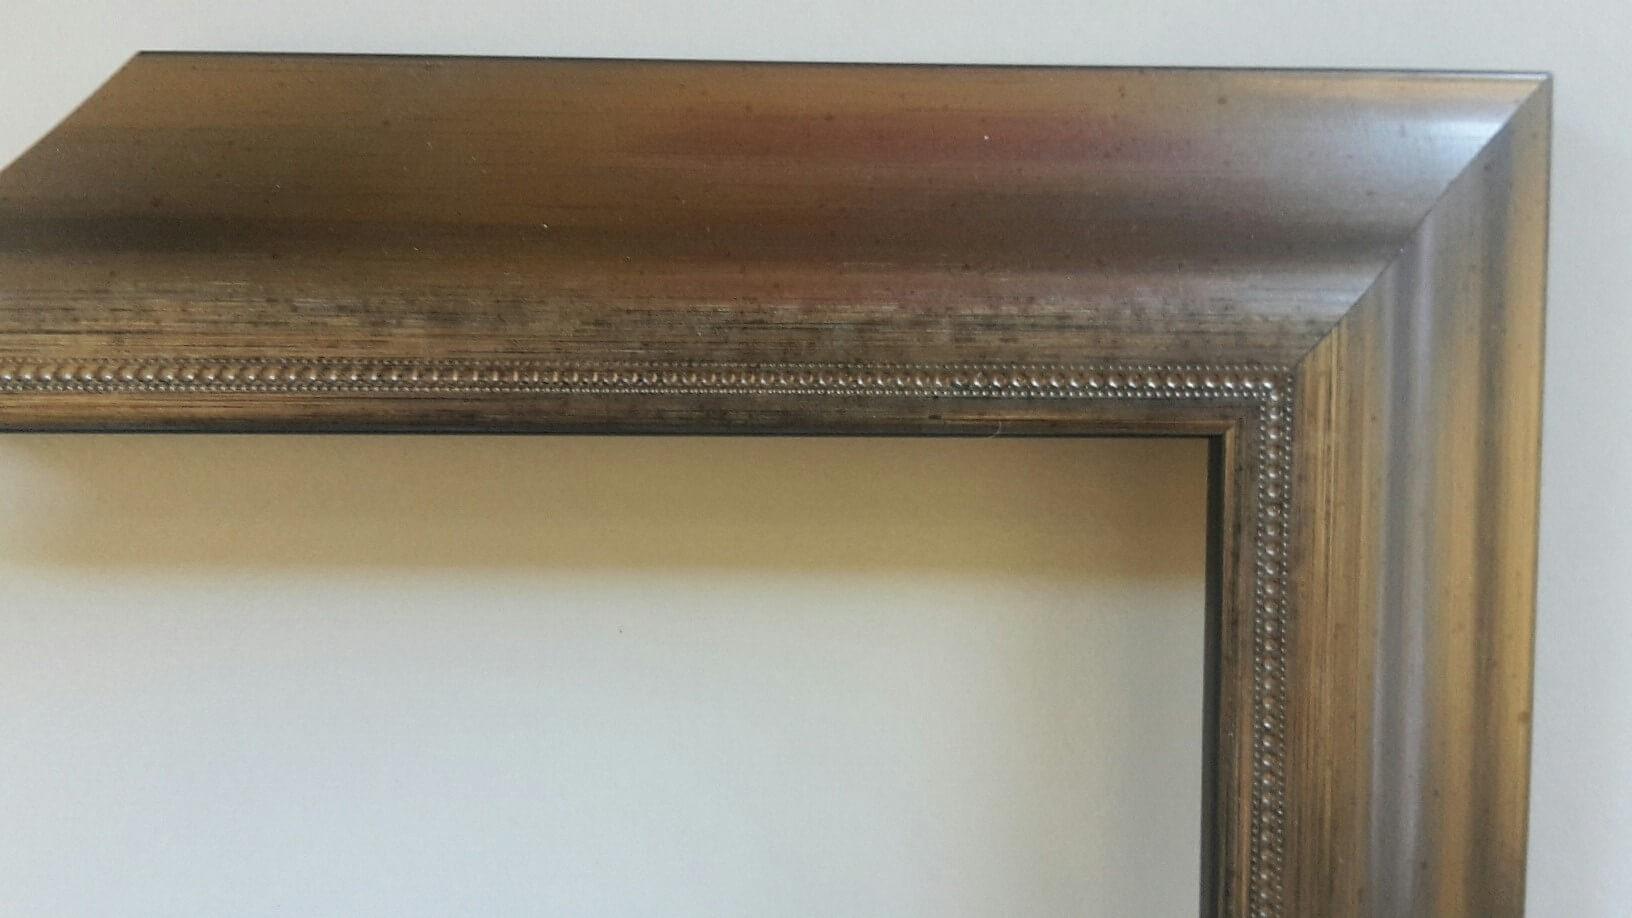 Fabira Bayonne Grau auf Schwarz, Zierkante, Rücken Schwarz ca. 40mm × 20mm